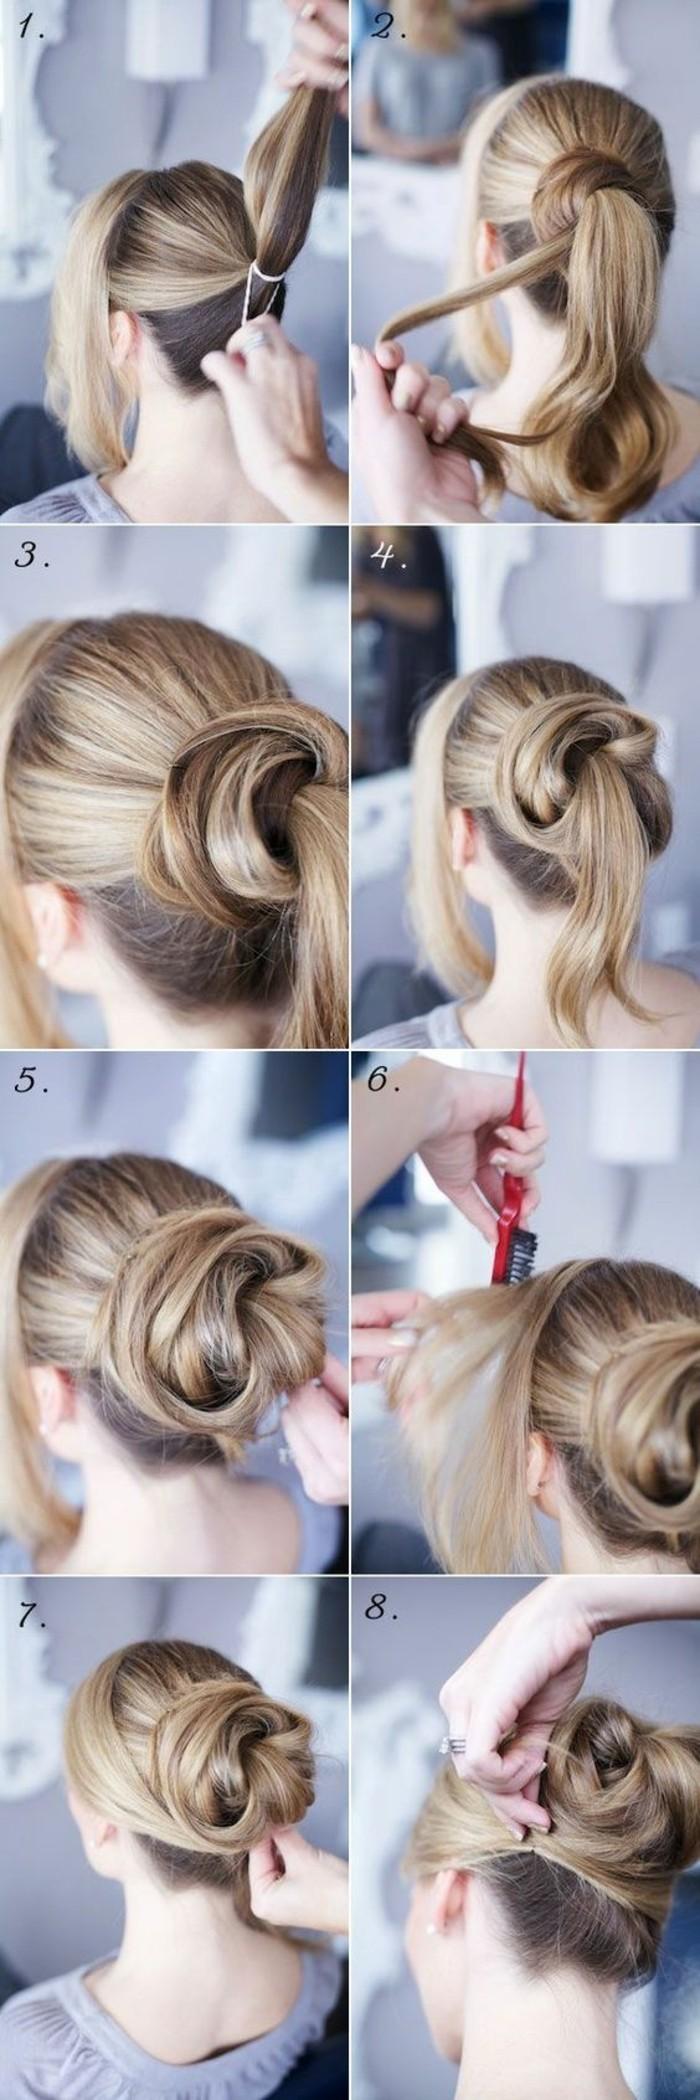 hochsteckfrisuren selber machen lange blonde haare hochstecken diy frisur frau k C3 A4mmen